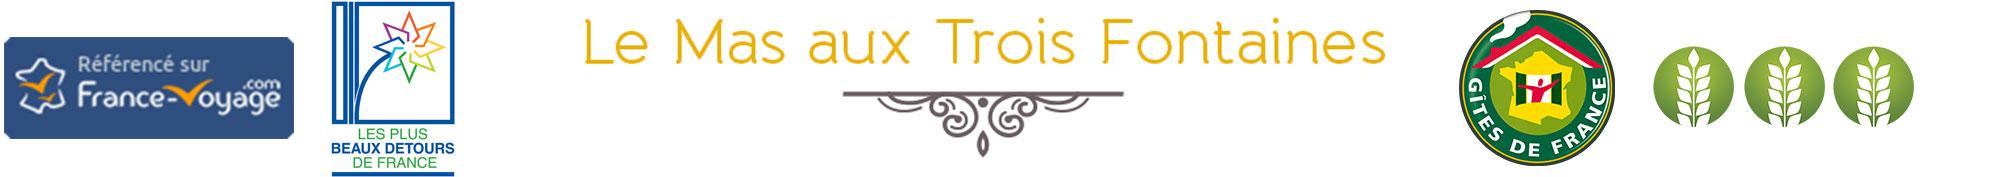 Le Mas aux Trois Fontaines